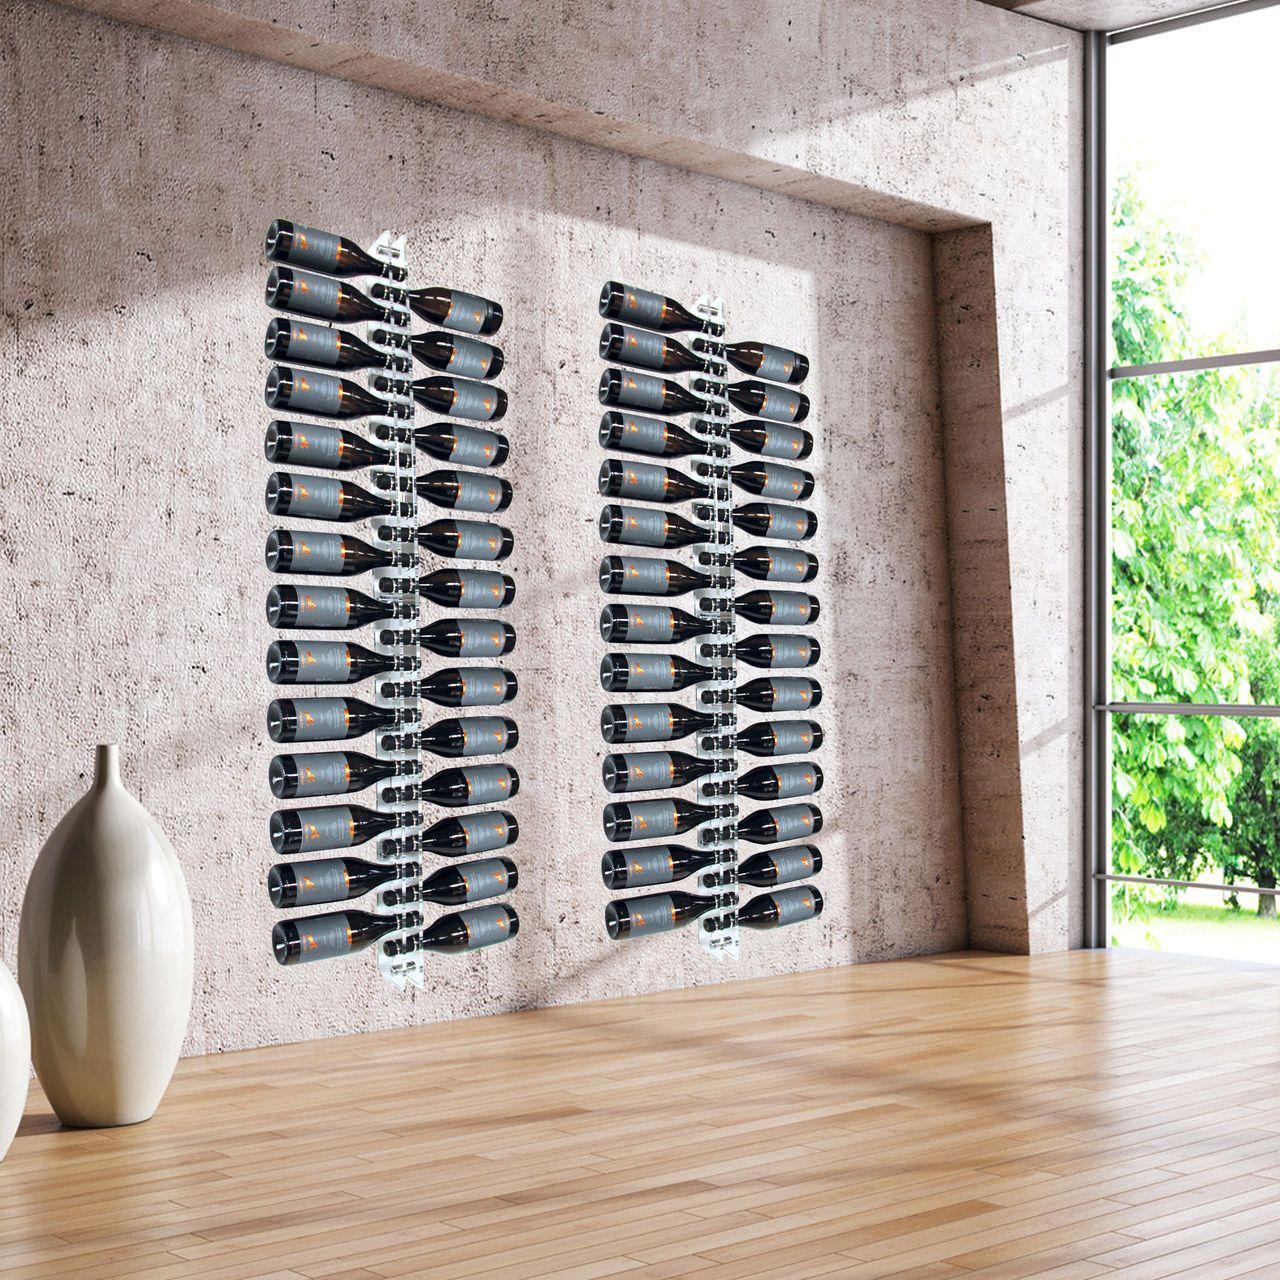 wand-weinregal ravenna aus acryl - flaschenregale-kunststoff ... - Weinregal Design Idee Wohnung Modern Bilder